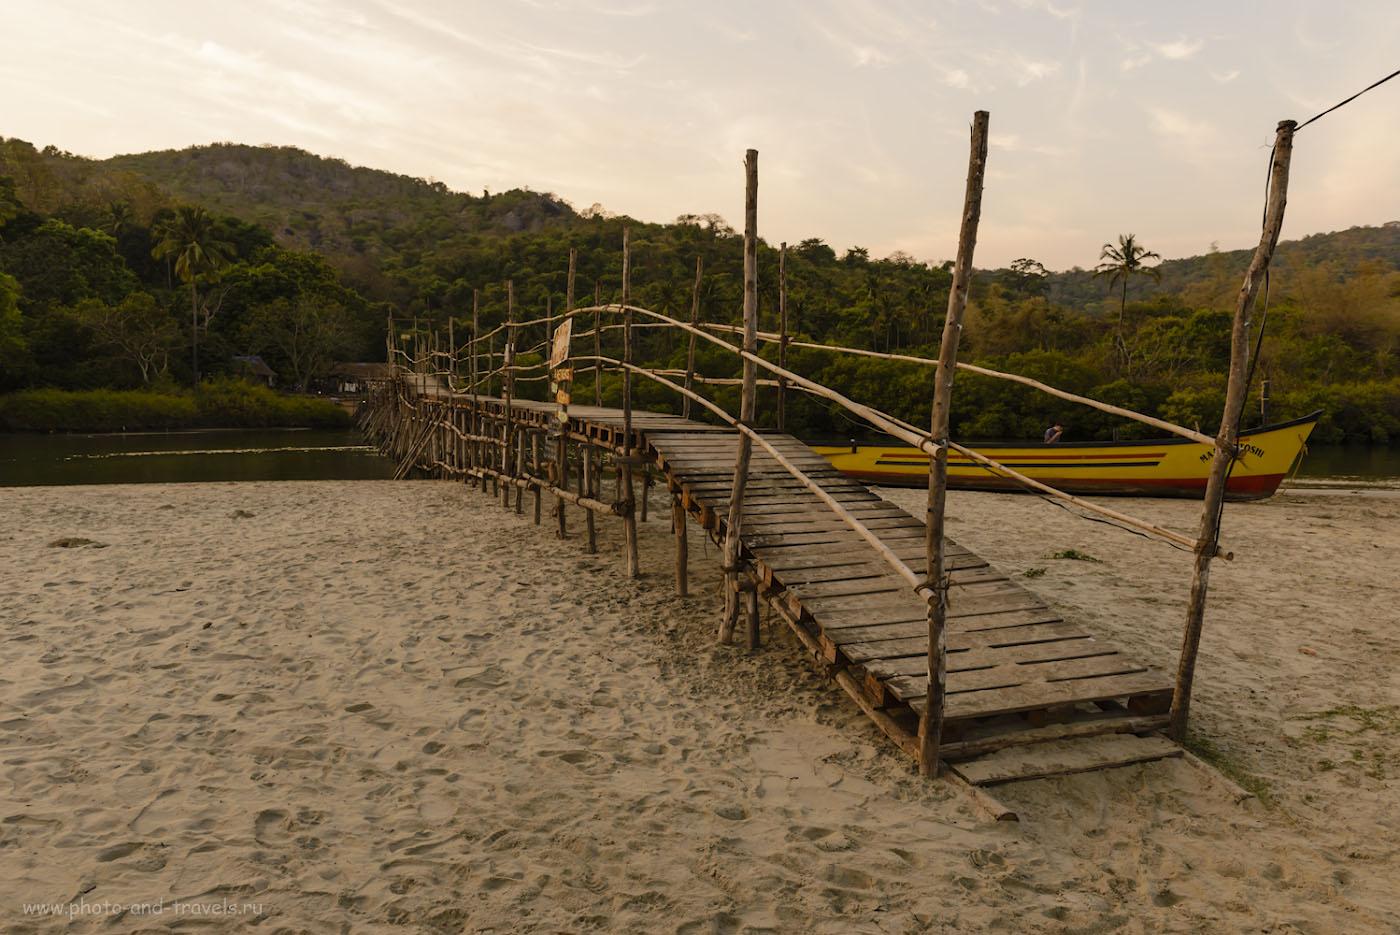 Фотография 22. Мост к «Центру йоги» в северной части пляжа Палолем (см. карту выше). 1/250, -0.67, 8.0, 180, 24.